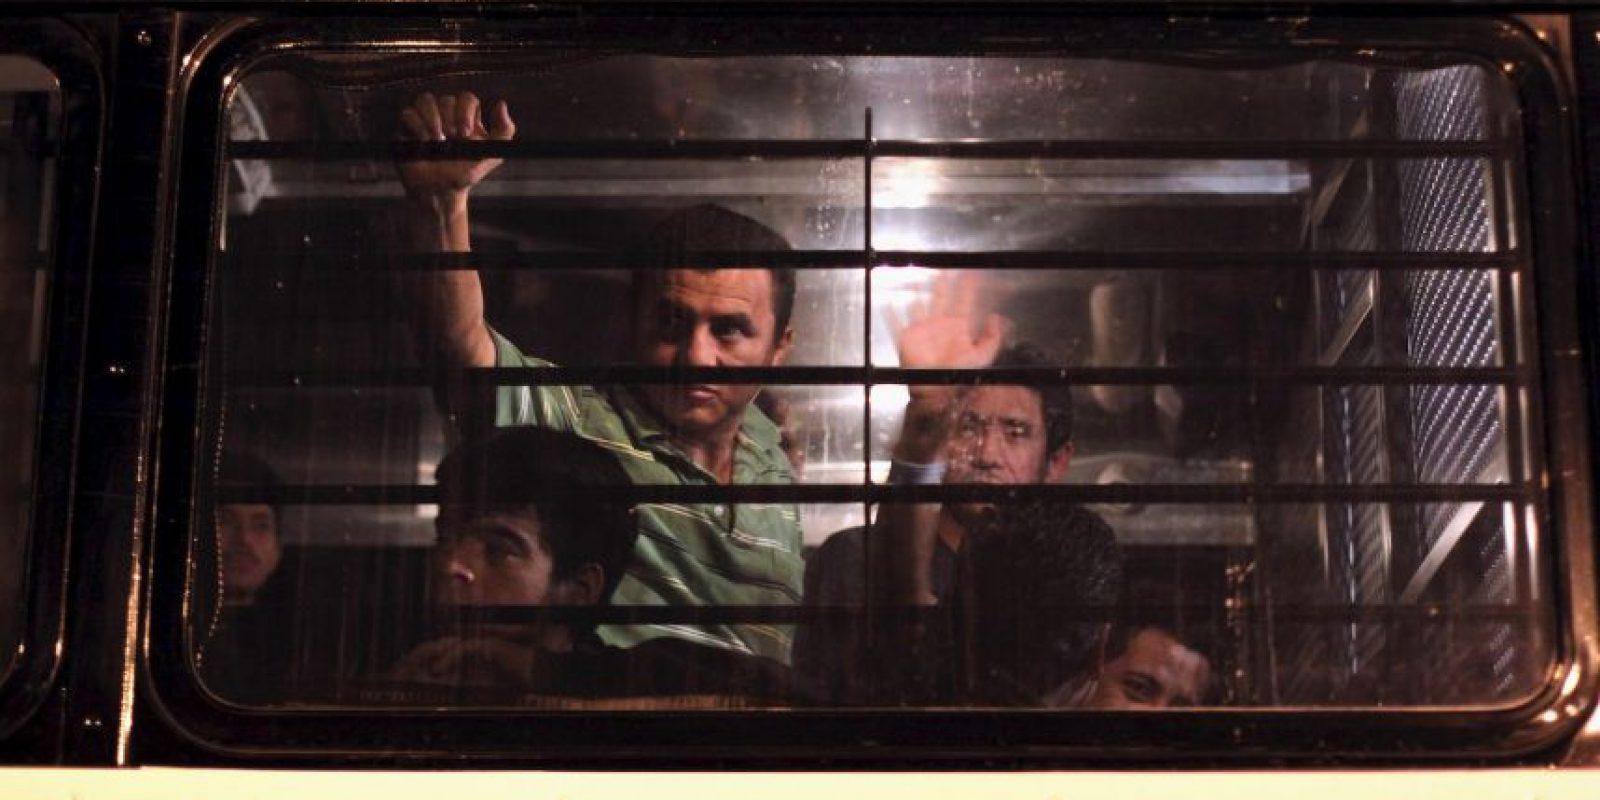 """""""Hace mucho tiempo el principal motivo era el económico, ahora es la violencia. Mucha gente es amenazada de muerte por las maras, como aquí lo hacen los grupos de la delincuencia organizada, cobrando piso"""", aseguró al periódico mexicano """"La Jornada"""" Foto:Getty Images"""